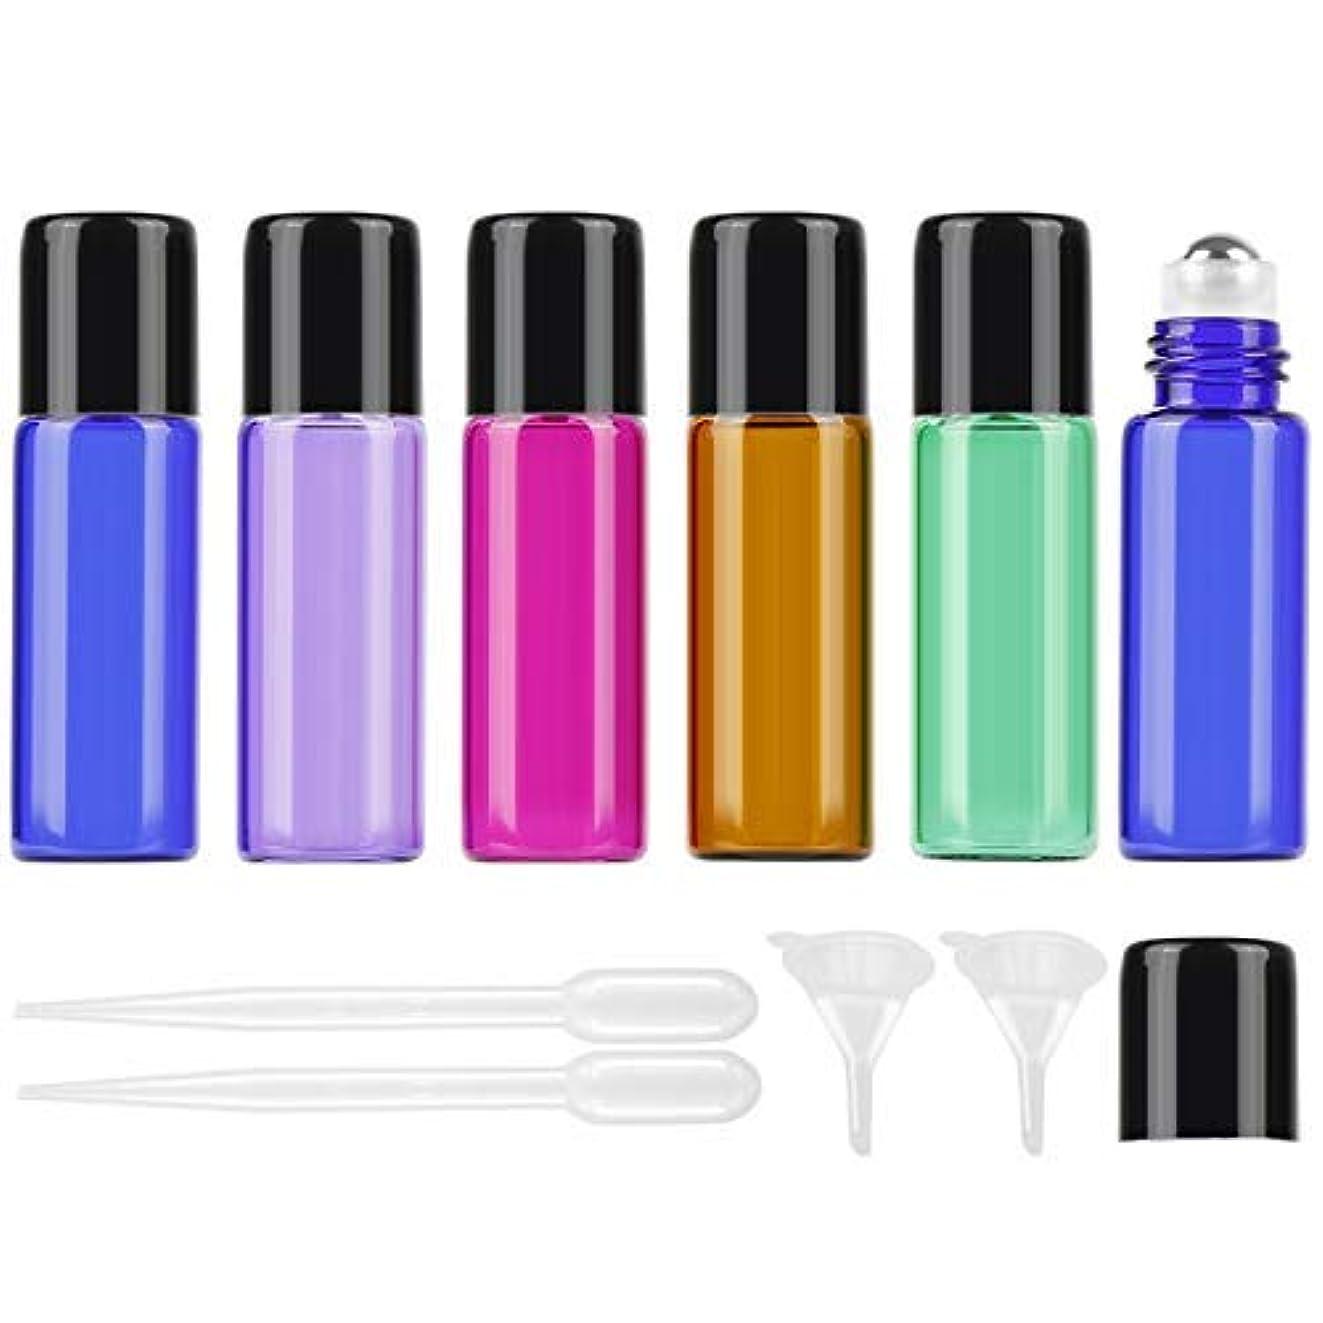 銛簿記係放送25Pcs 5ml Colored Essential Oil Roller Bottles Vials Glass Cosmetic Travel Containers with Stainless Steel Roller...